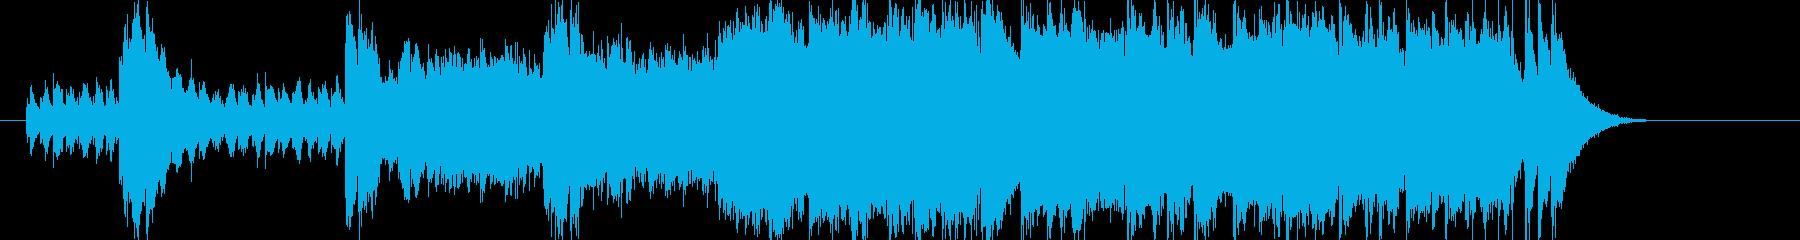 明るくわくわくするポップスの再生済みの波形